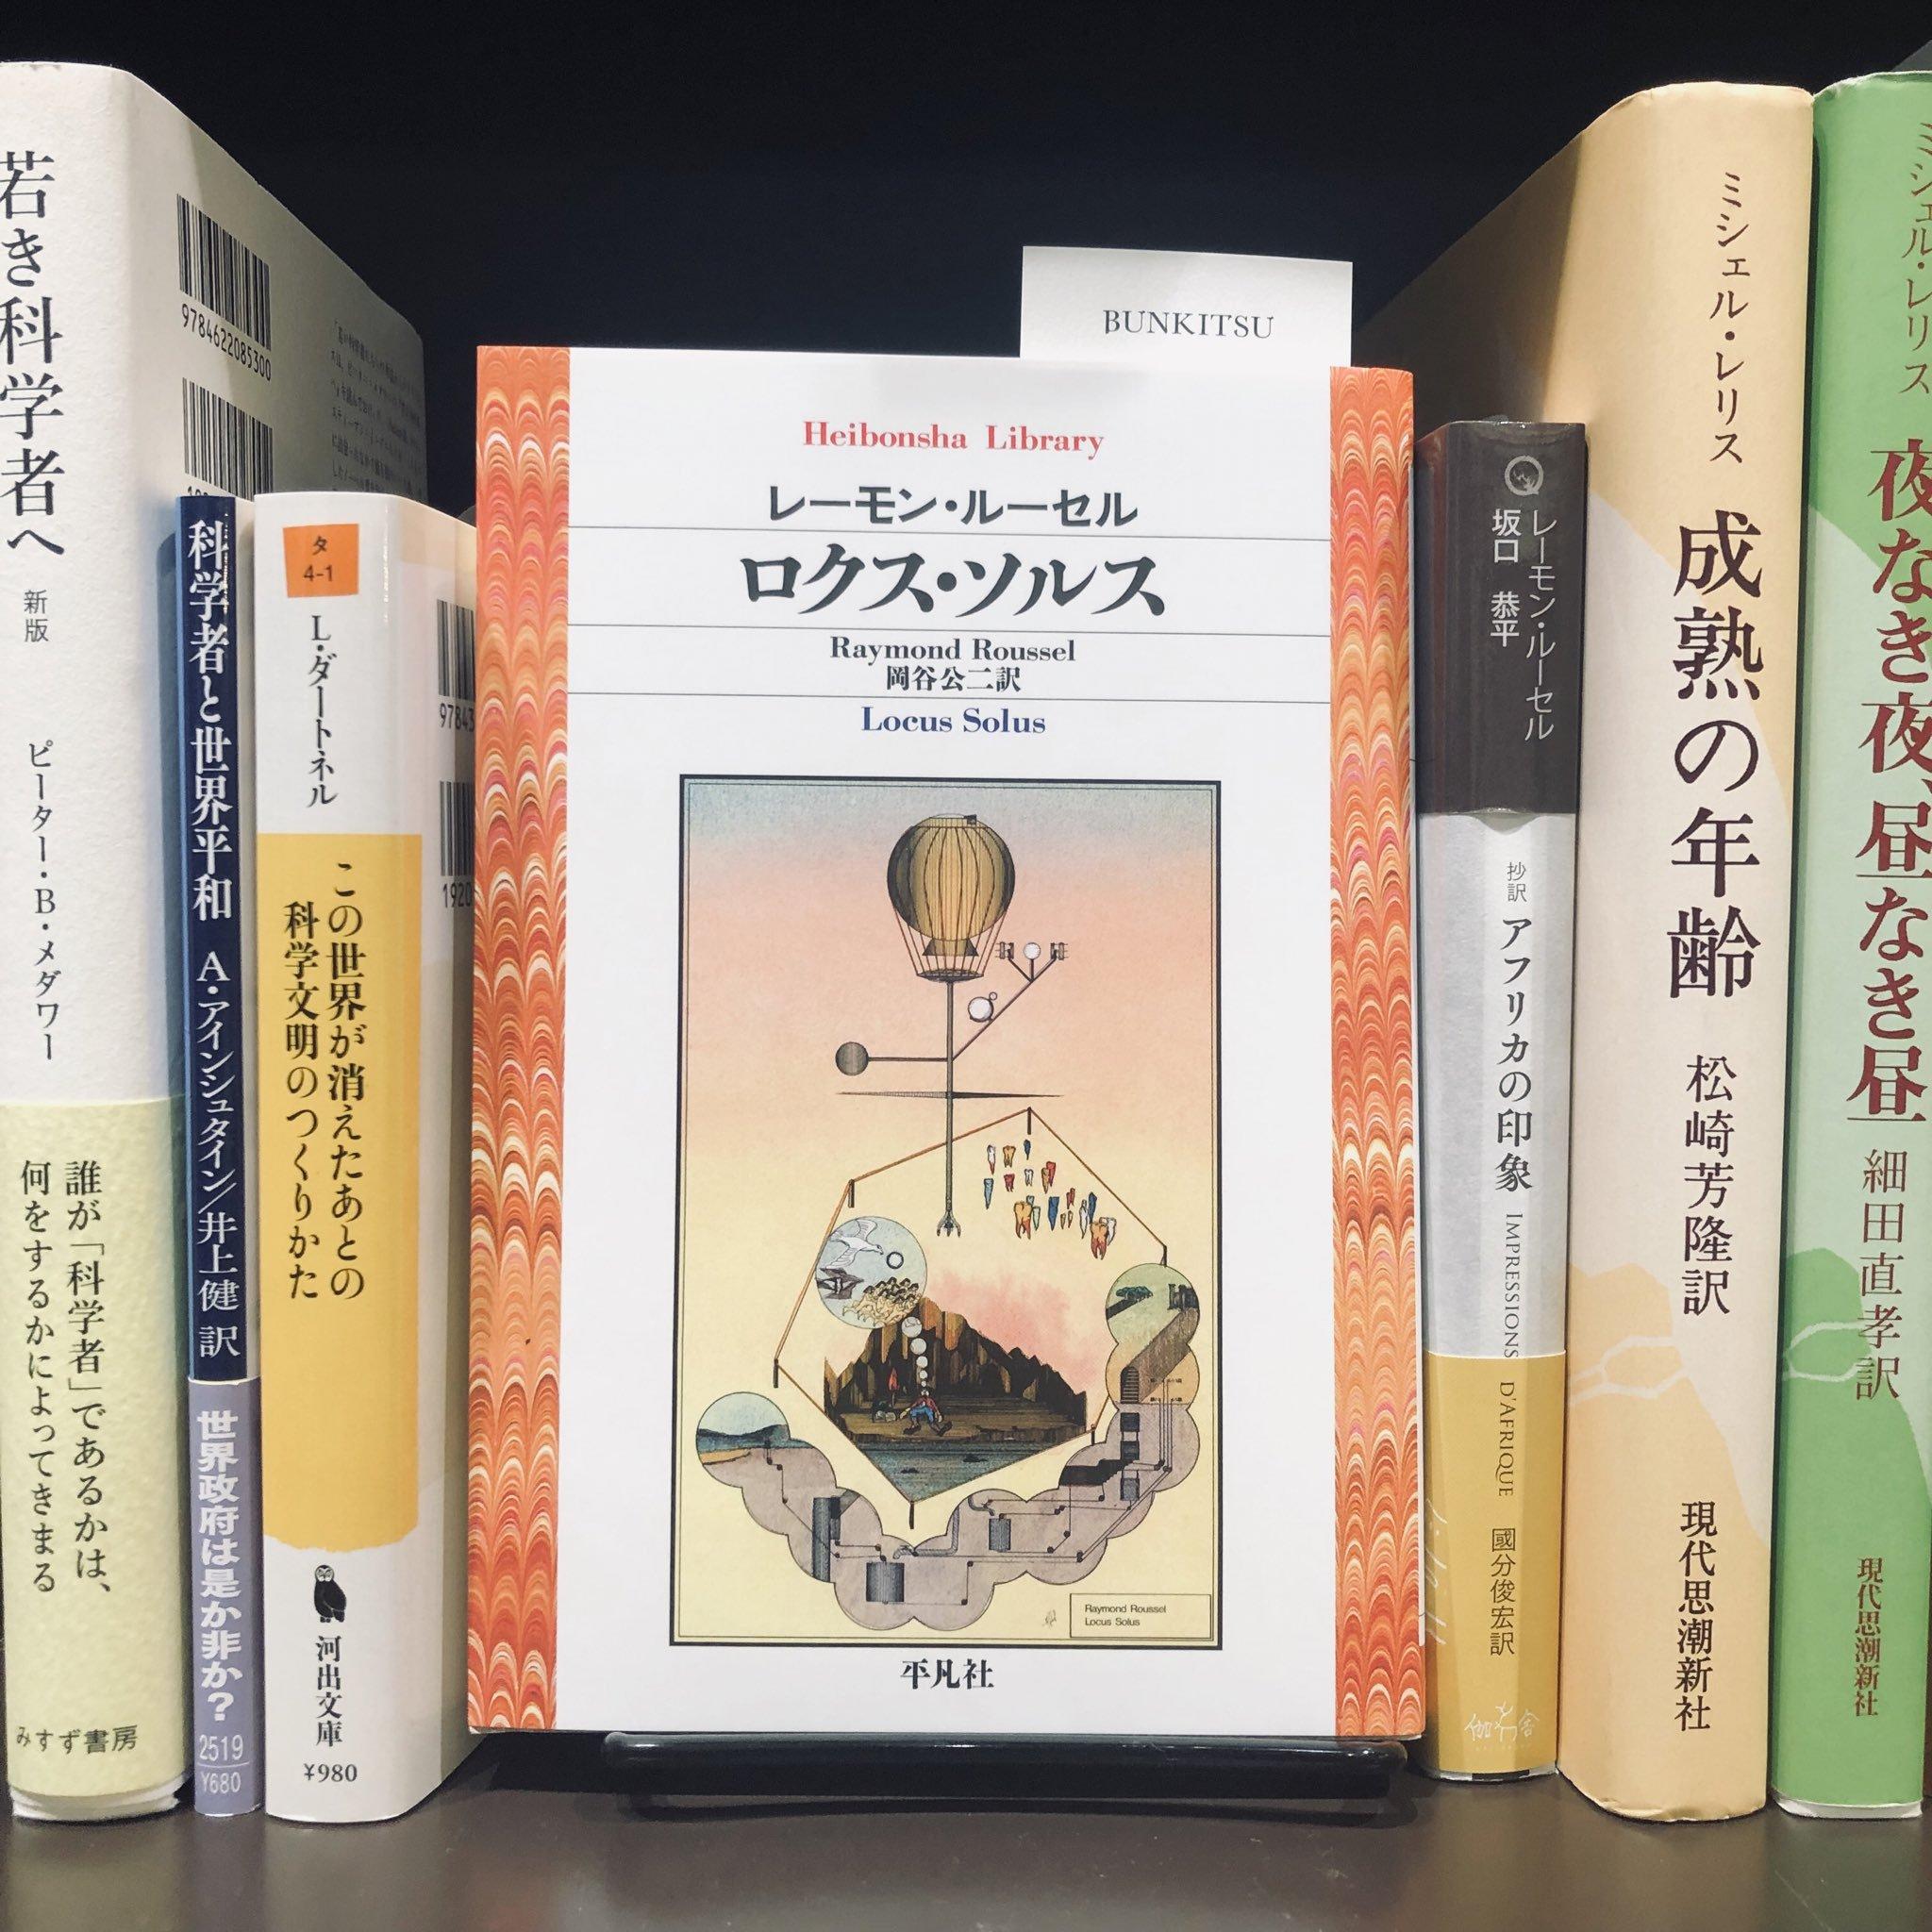 レーモン・ルーセル『ロクス・ソルス』(平凡社)